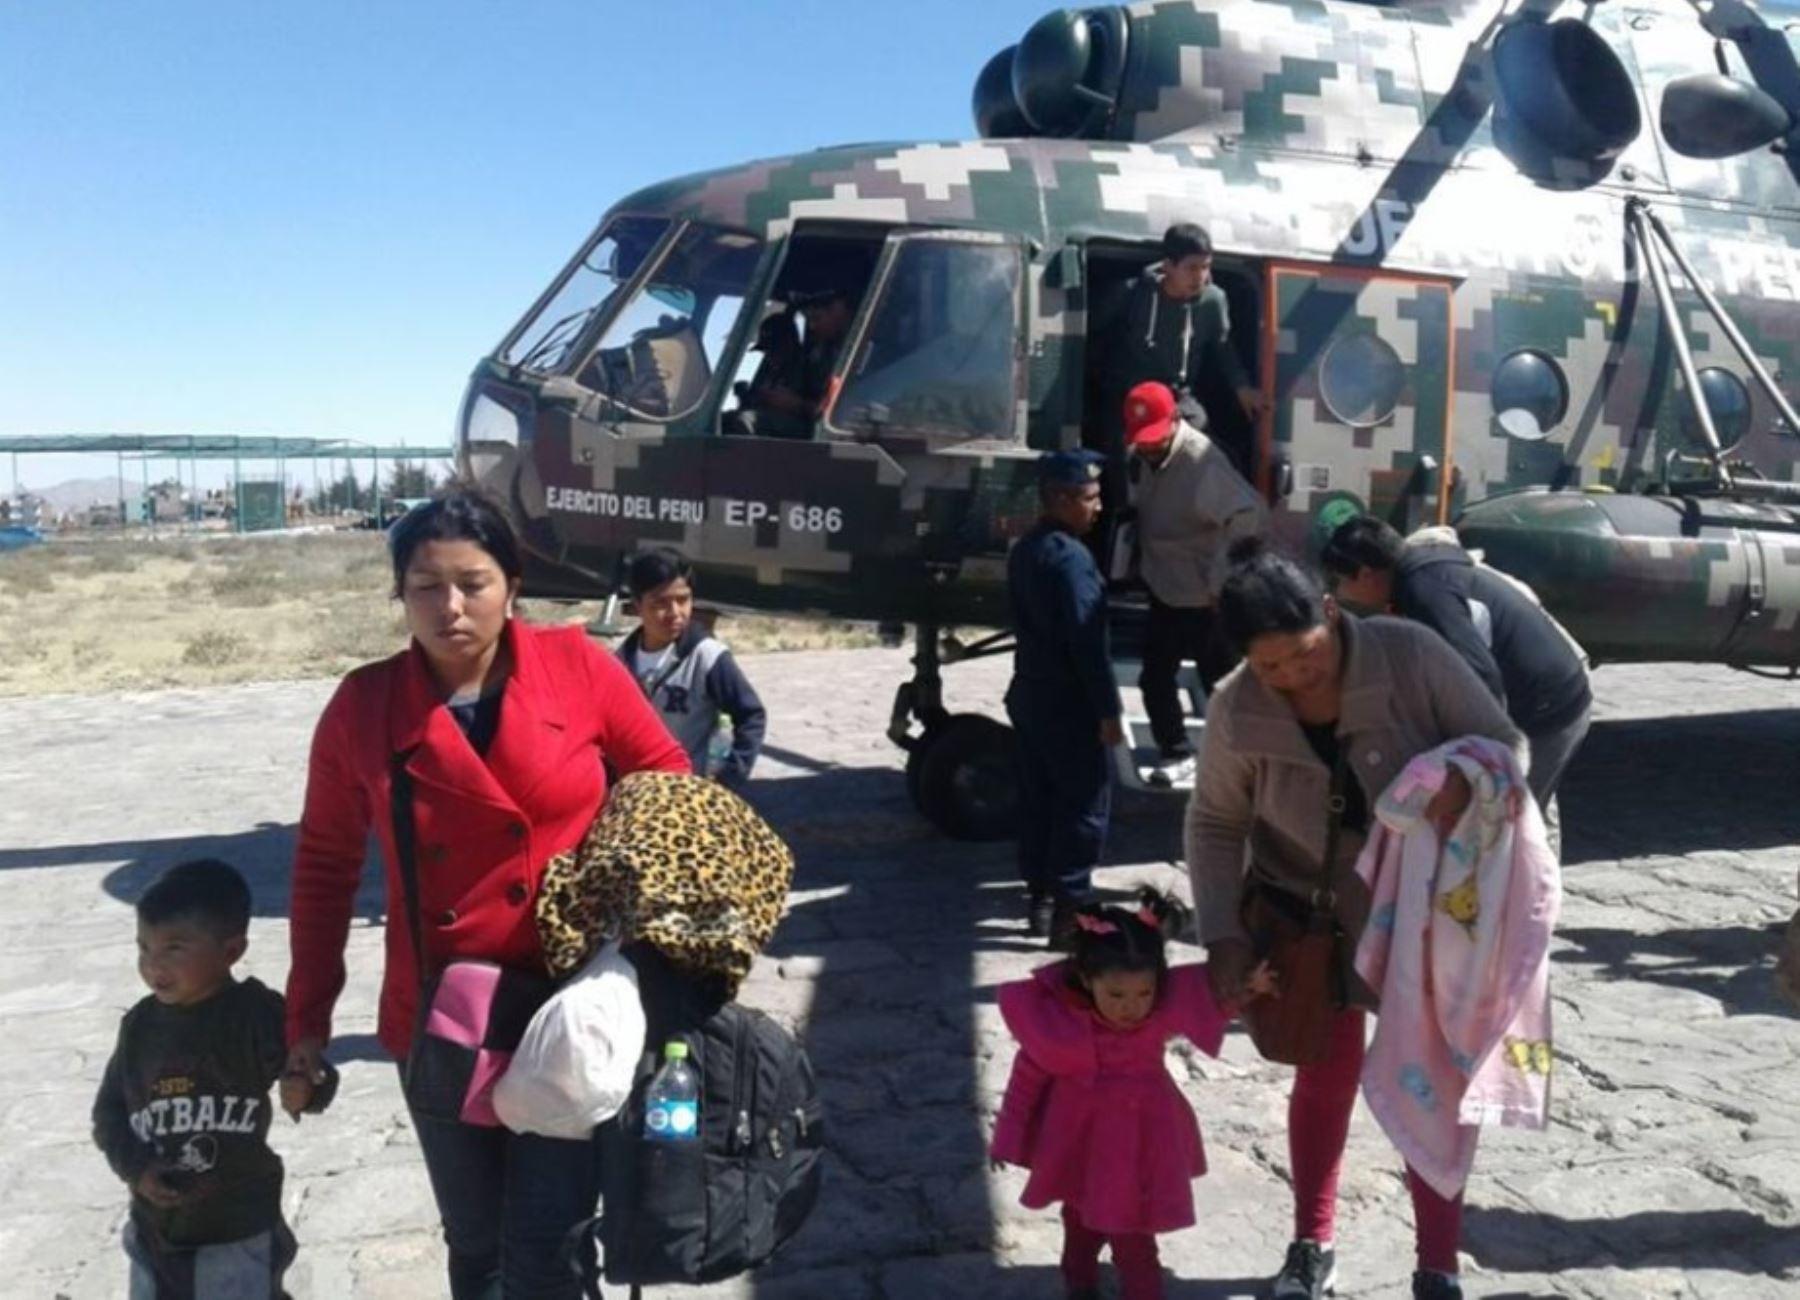 El puente aéreo establecido por las autoridades con la valiosa participación de las Fuerzas Armadas está permitiendo el traslado de cientos de personas varadas en la carretera Panamericana Sur debido a los derrumbes de rocas y tierra provocados por el fuerte sismo ocurrido el lunes último en Arequipa.